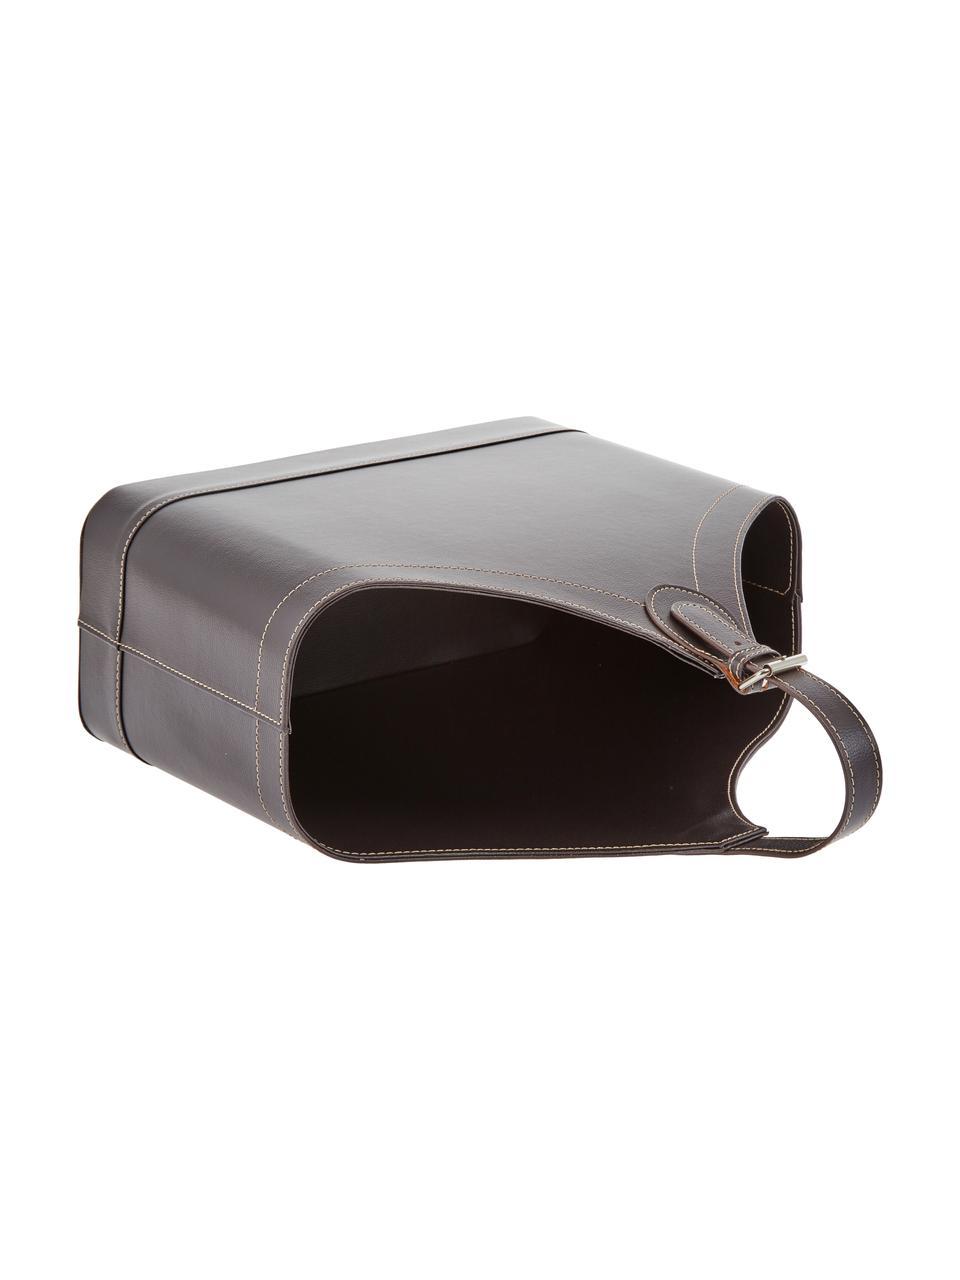 Stojak na czasopisma Ready, Stelaż: tektura, Tapicerka: poliuretan, Stojak na czasopisma: brązowy Szwy: beżowy Obudowa: metal, S 40 x W 45 cm